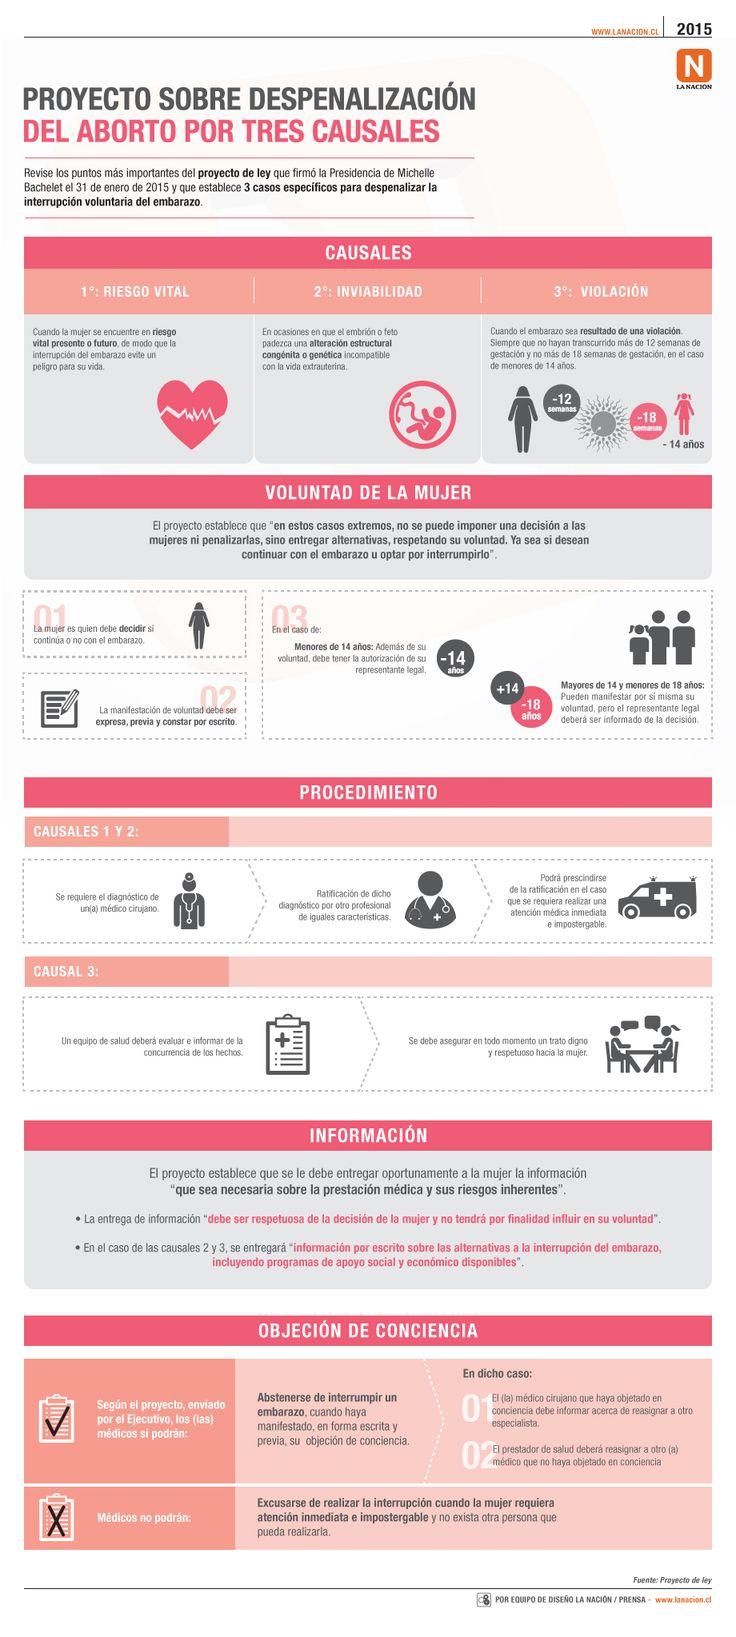 Los puntos más importantes del proyecto sobre despenalización del aborto por 3 causales